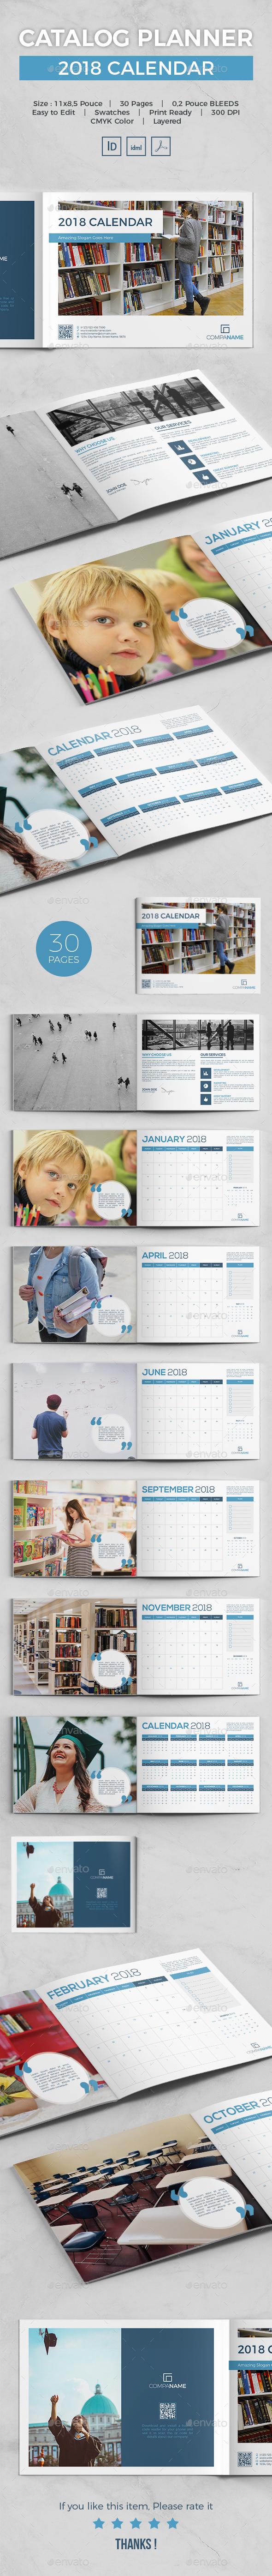 GraphicRiver Catalog Planner 2018 Calendar 21059317